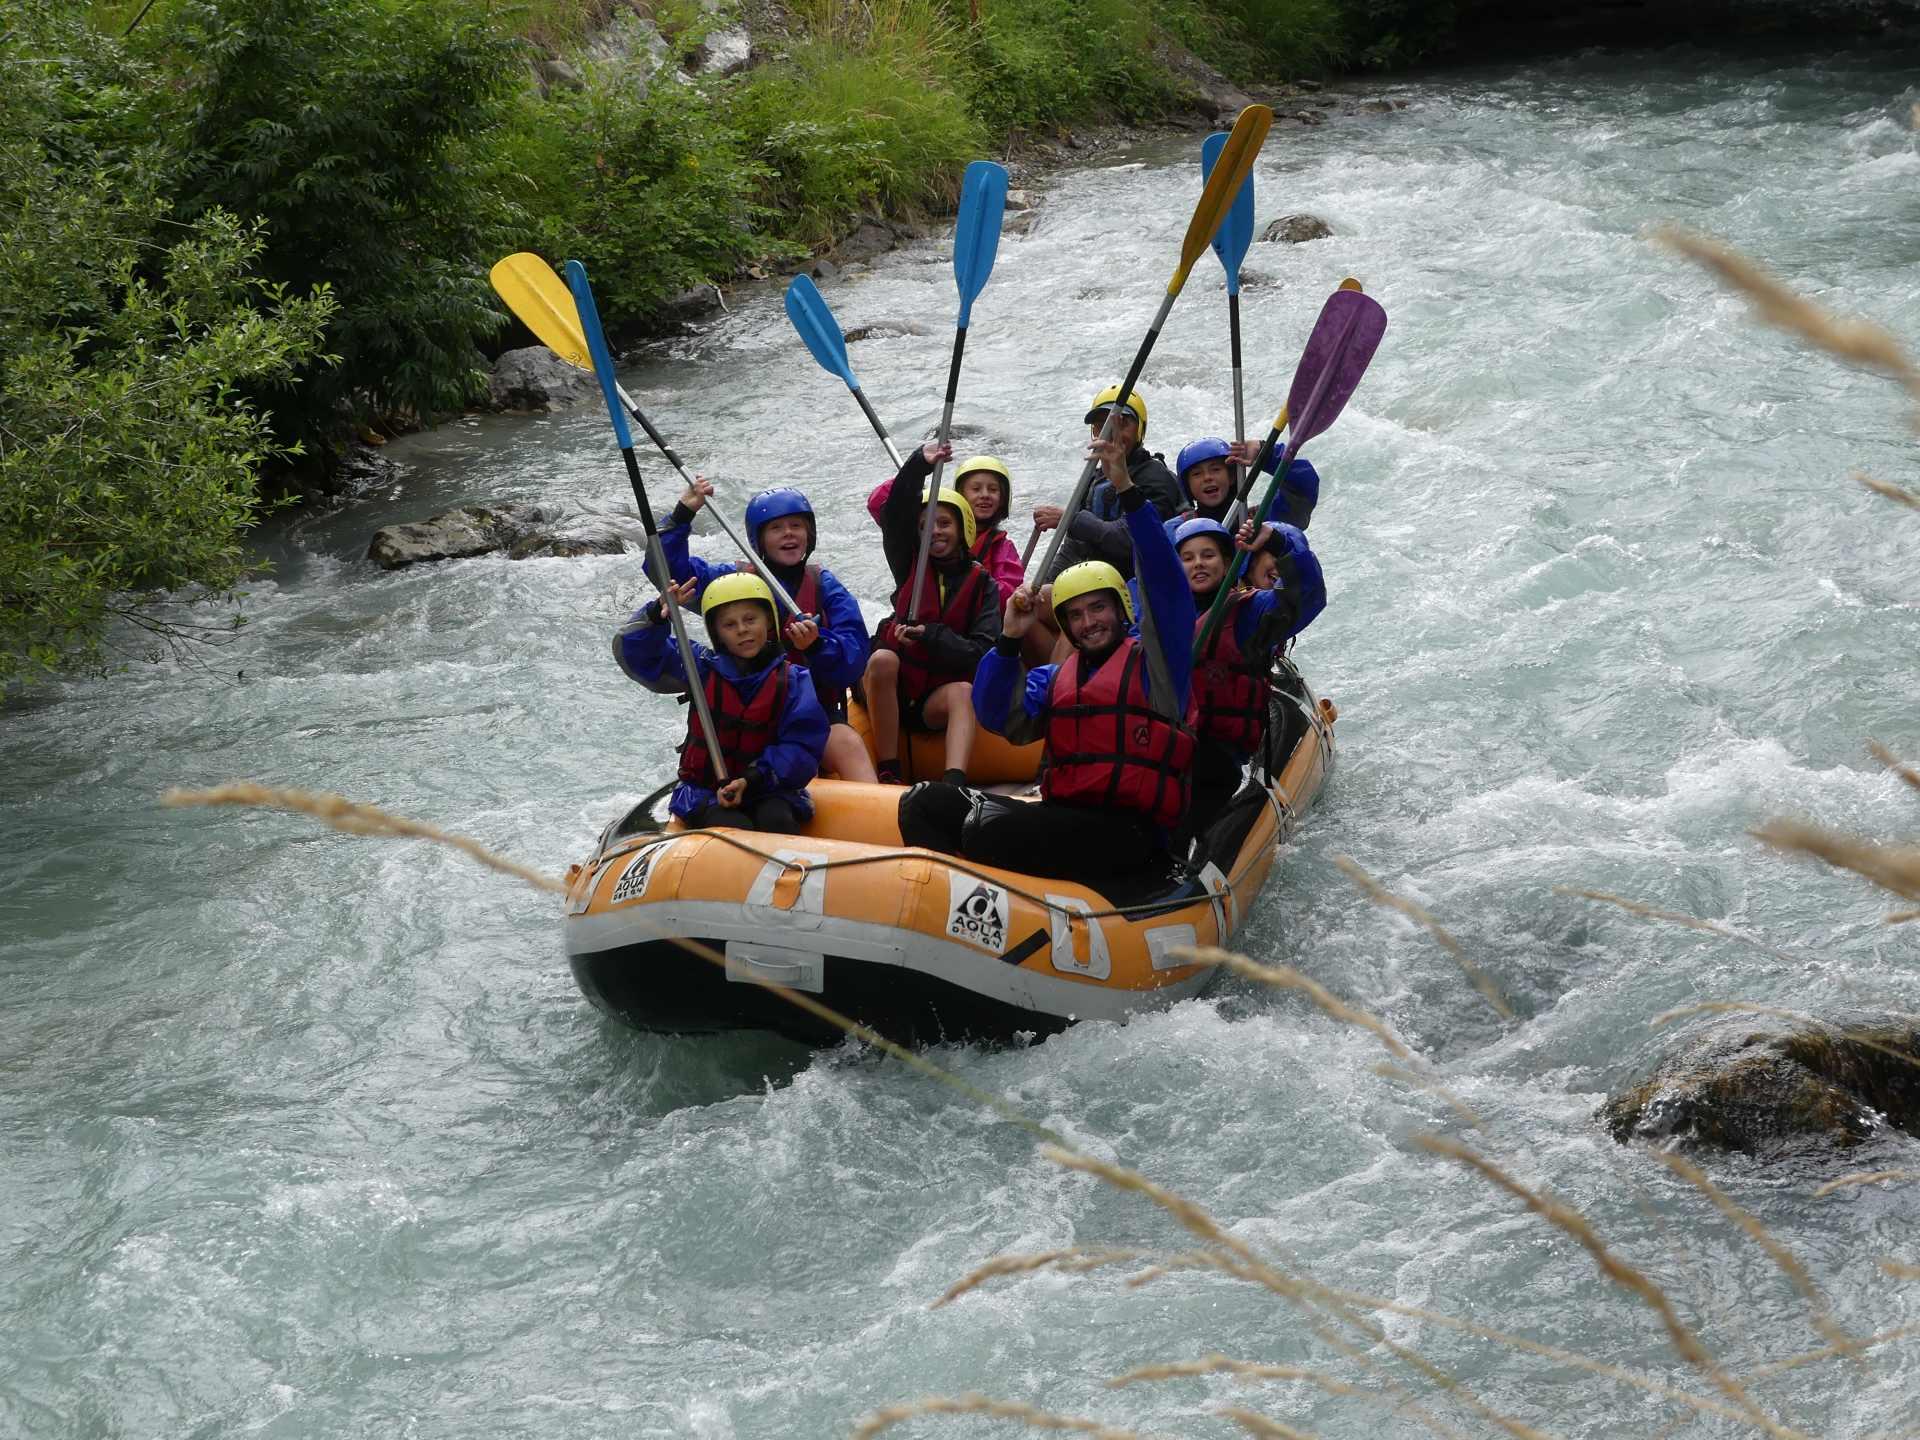 Colo-rafting-montagne-vacances-été-colonie de vacances-kolo vacances-kolo-jeune-enfants-équipe-alpes-eaux vive-sport de montagne-sport